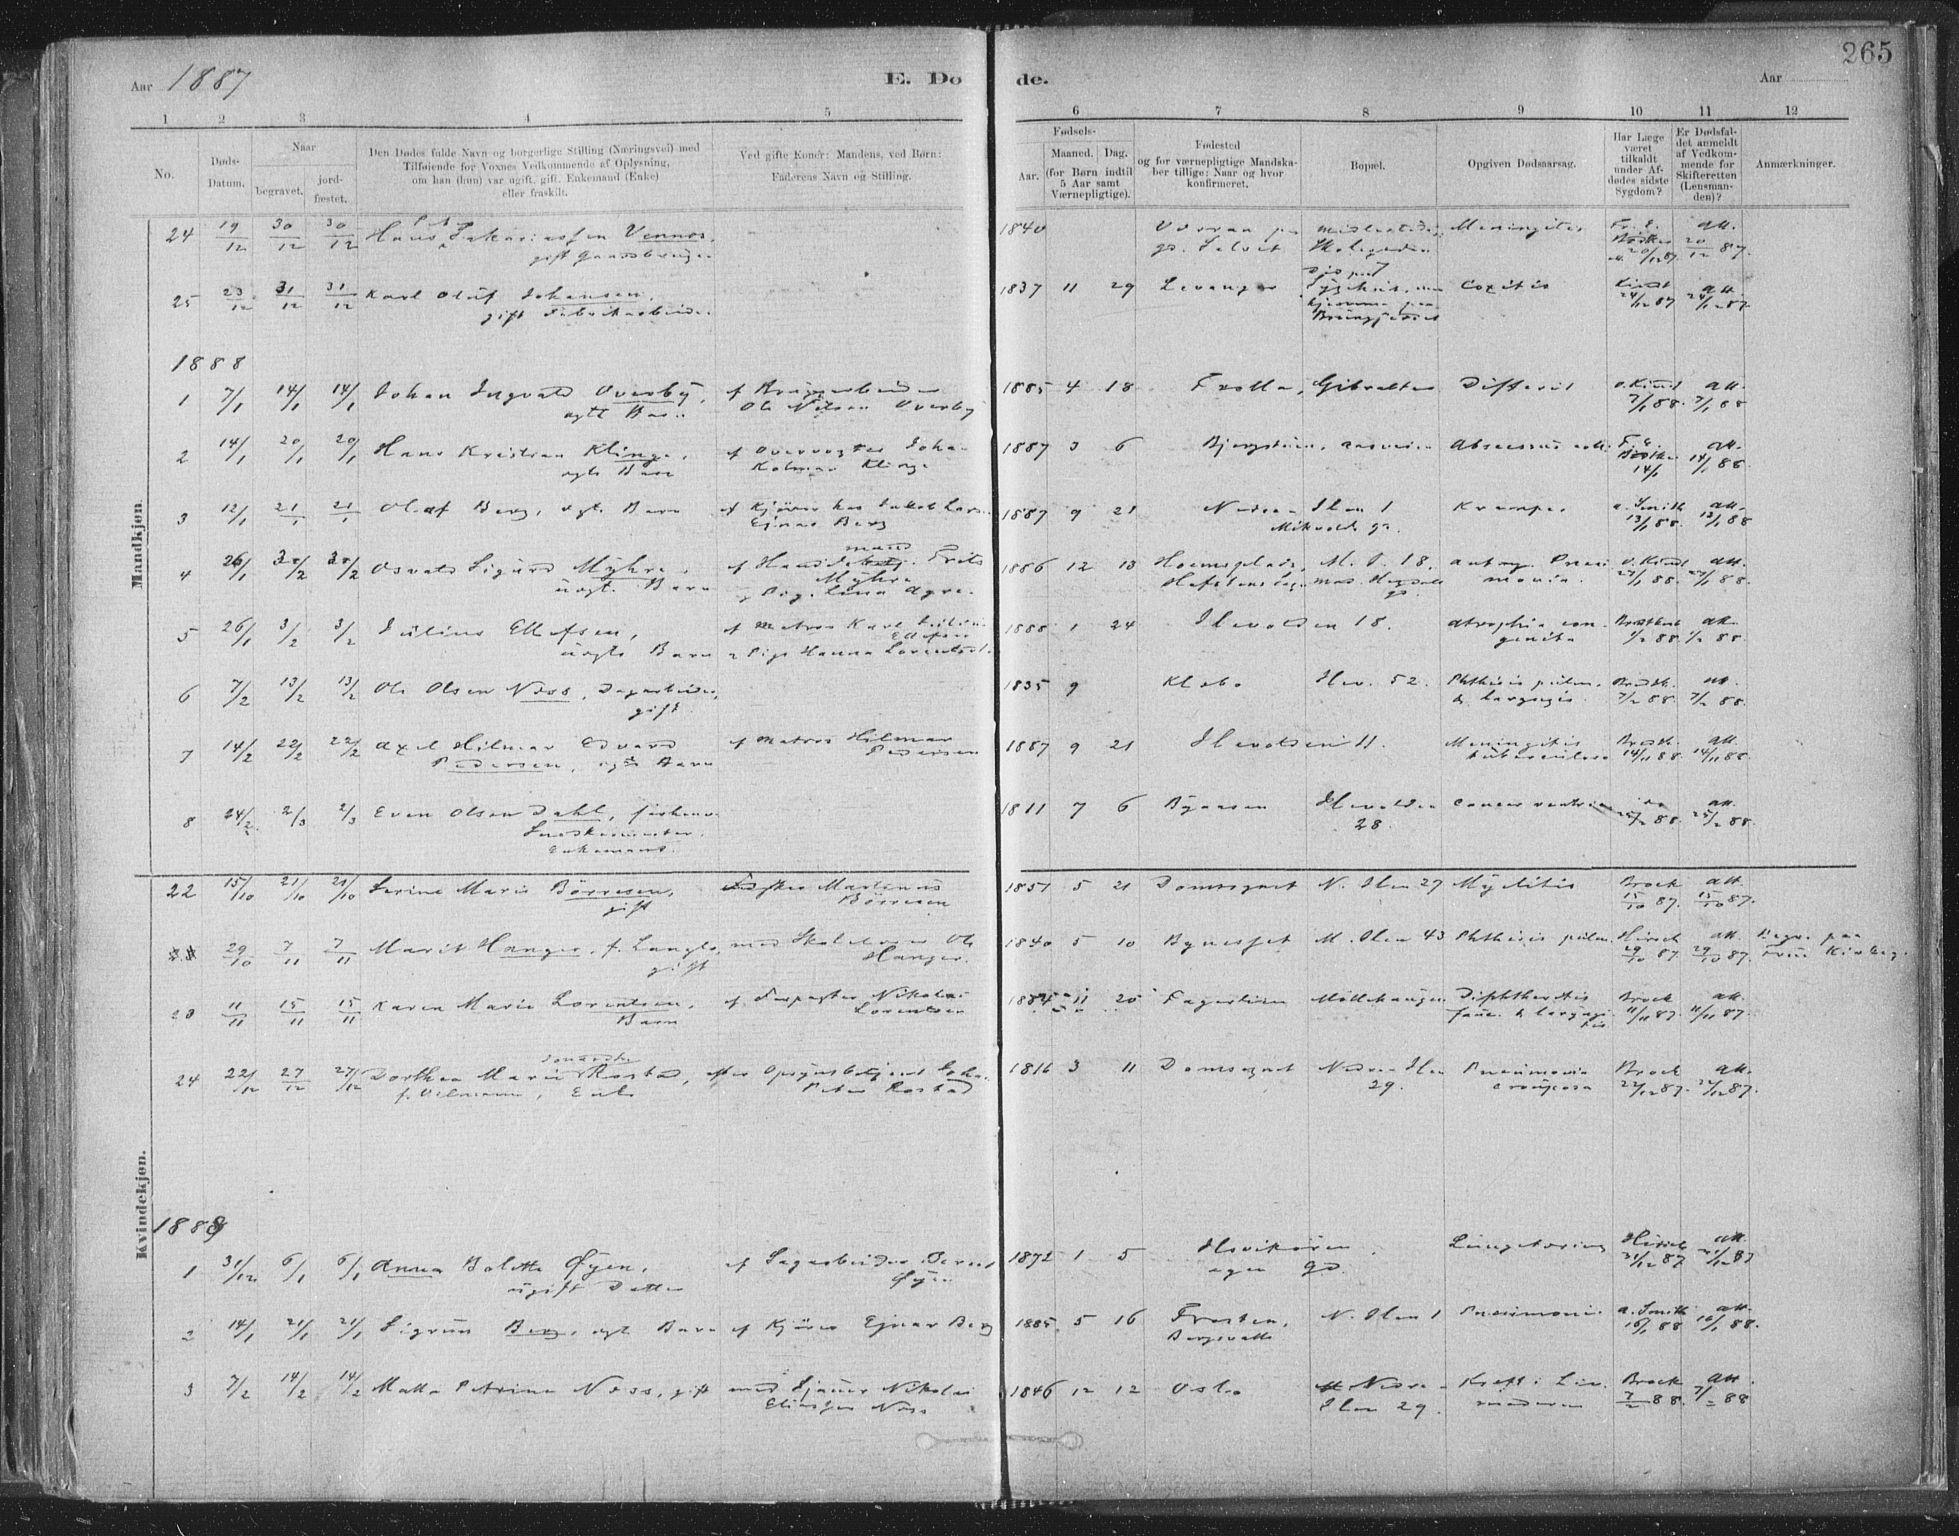 SAT, Ministerialprotokoller, klokkerbøker og fødselsregistre - Sør-Trøndelag, 603/L0162: Ministerialbok nr. 603A01, 1879-1895, s. 265